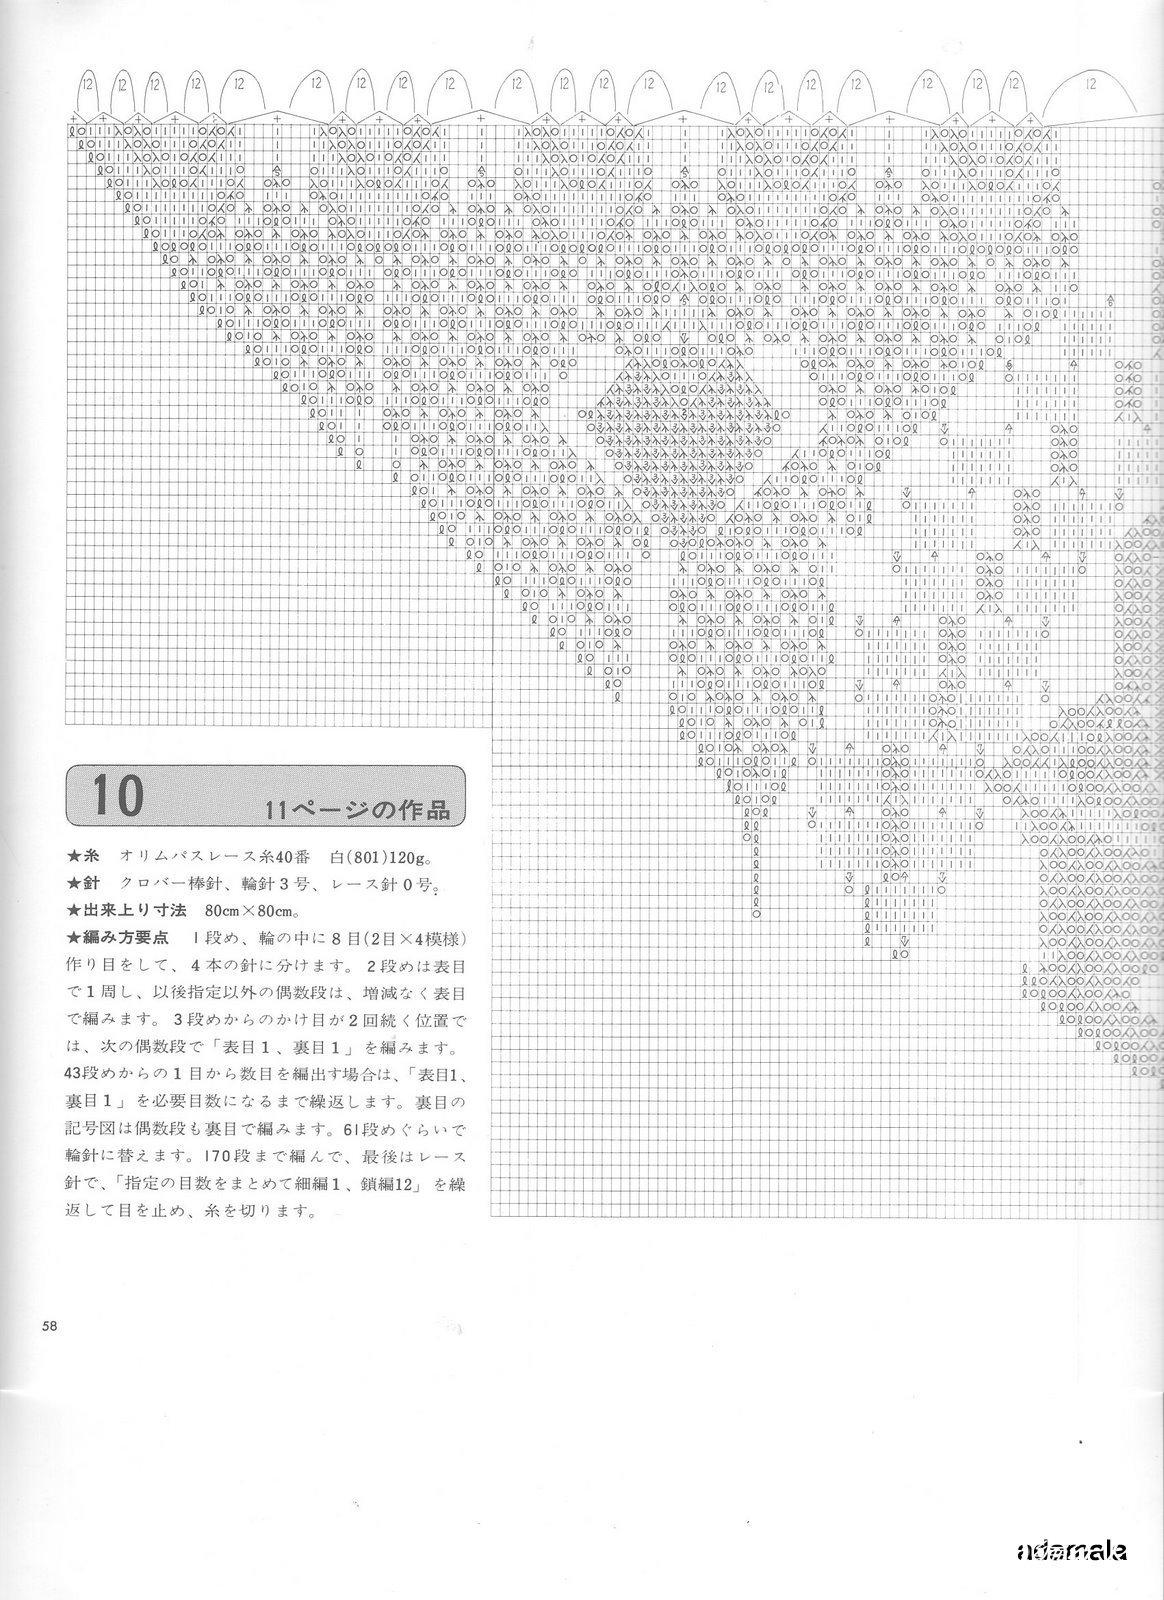 adamala-11图解1.jpg